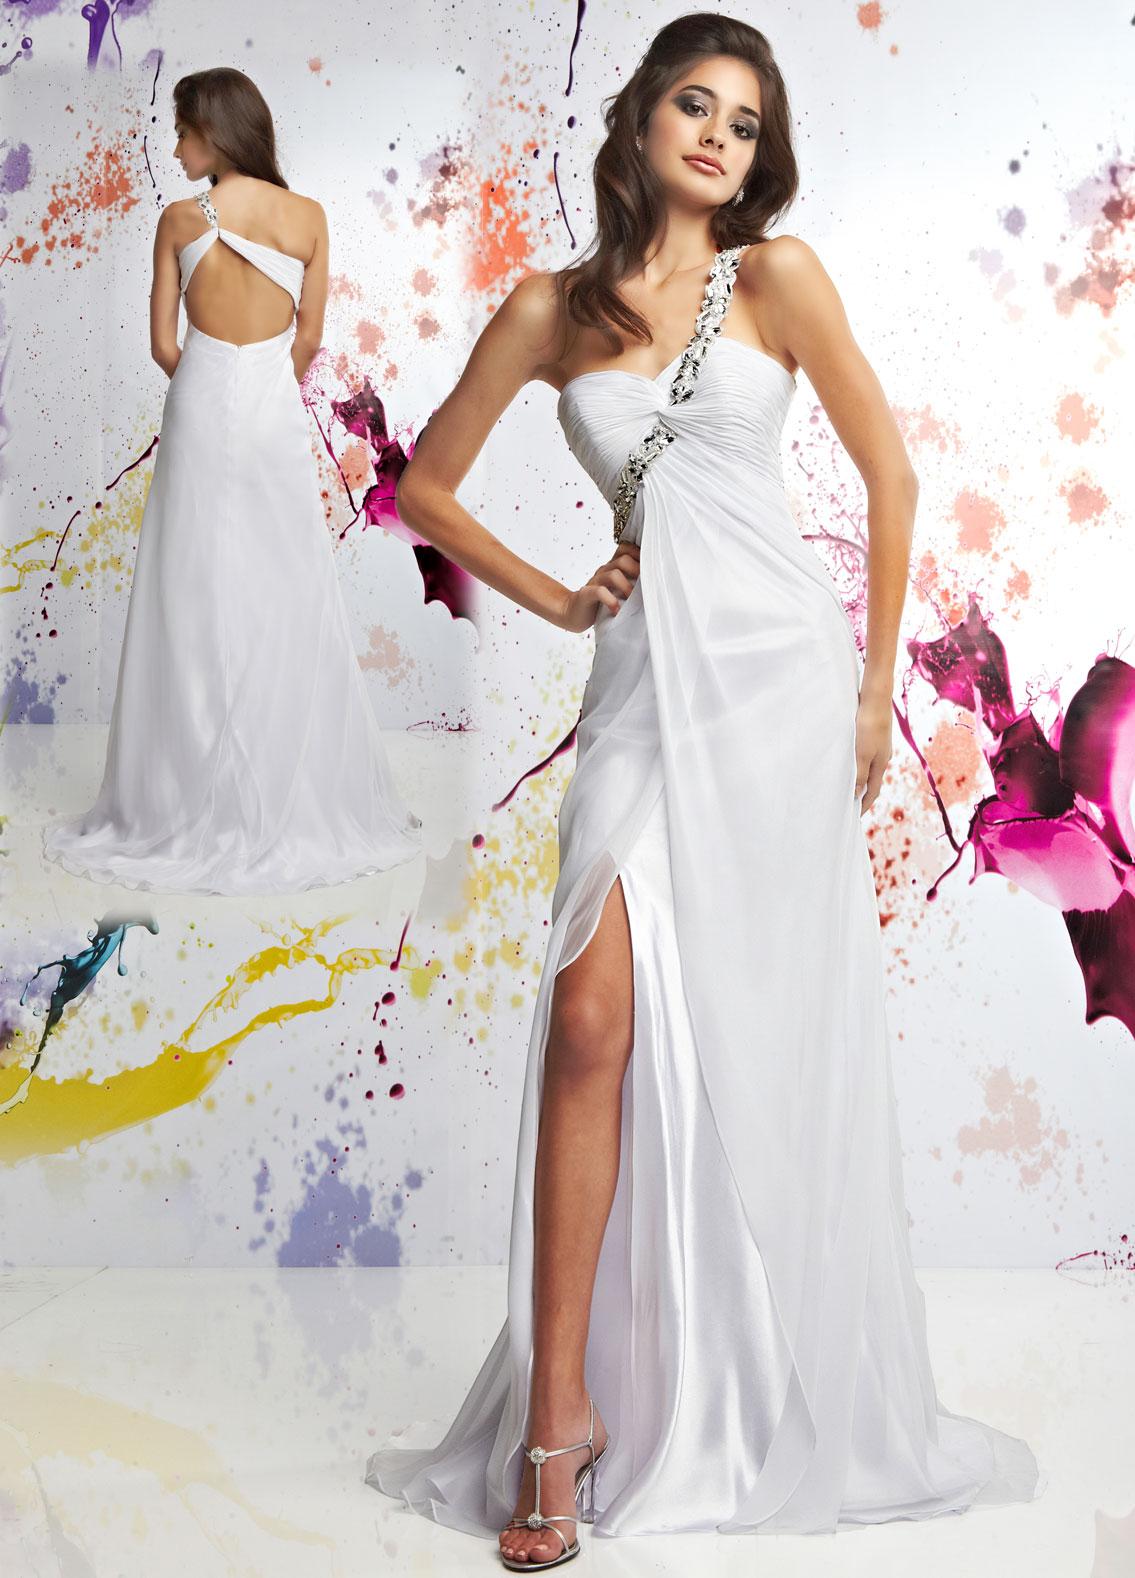 Белое длинное платье с открытой спиной - фото новинки сезона